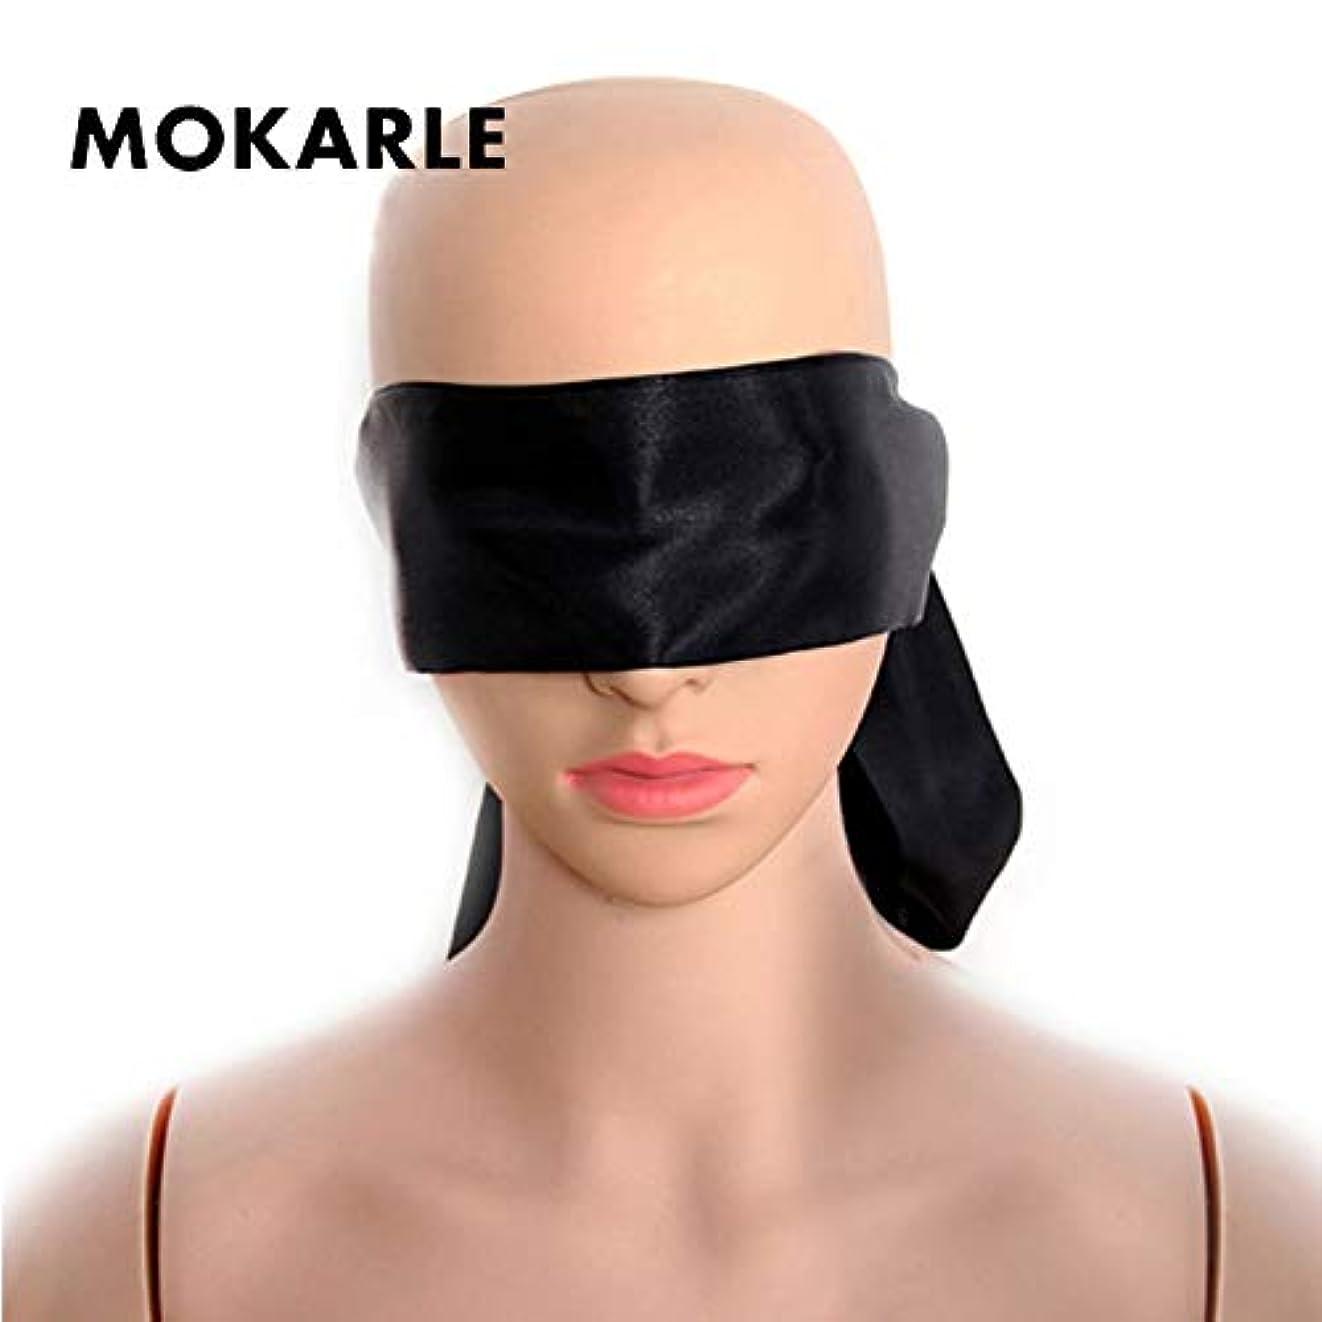 あなたが良くなります同盟ヒギンズメモ目の上の柔らかい目隠しサテンリボン包帯快適な睡眠アイマスク通気性カバーアイパッチ睡眠のための男性と女性